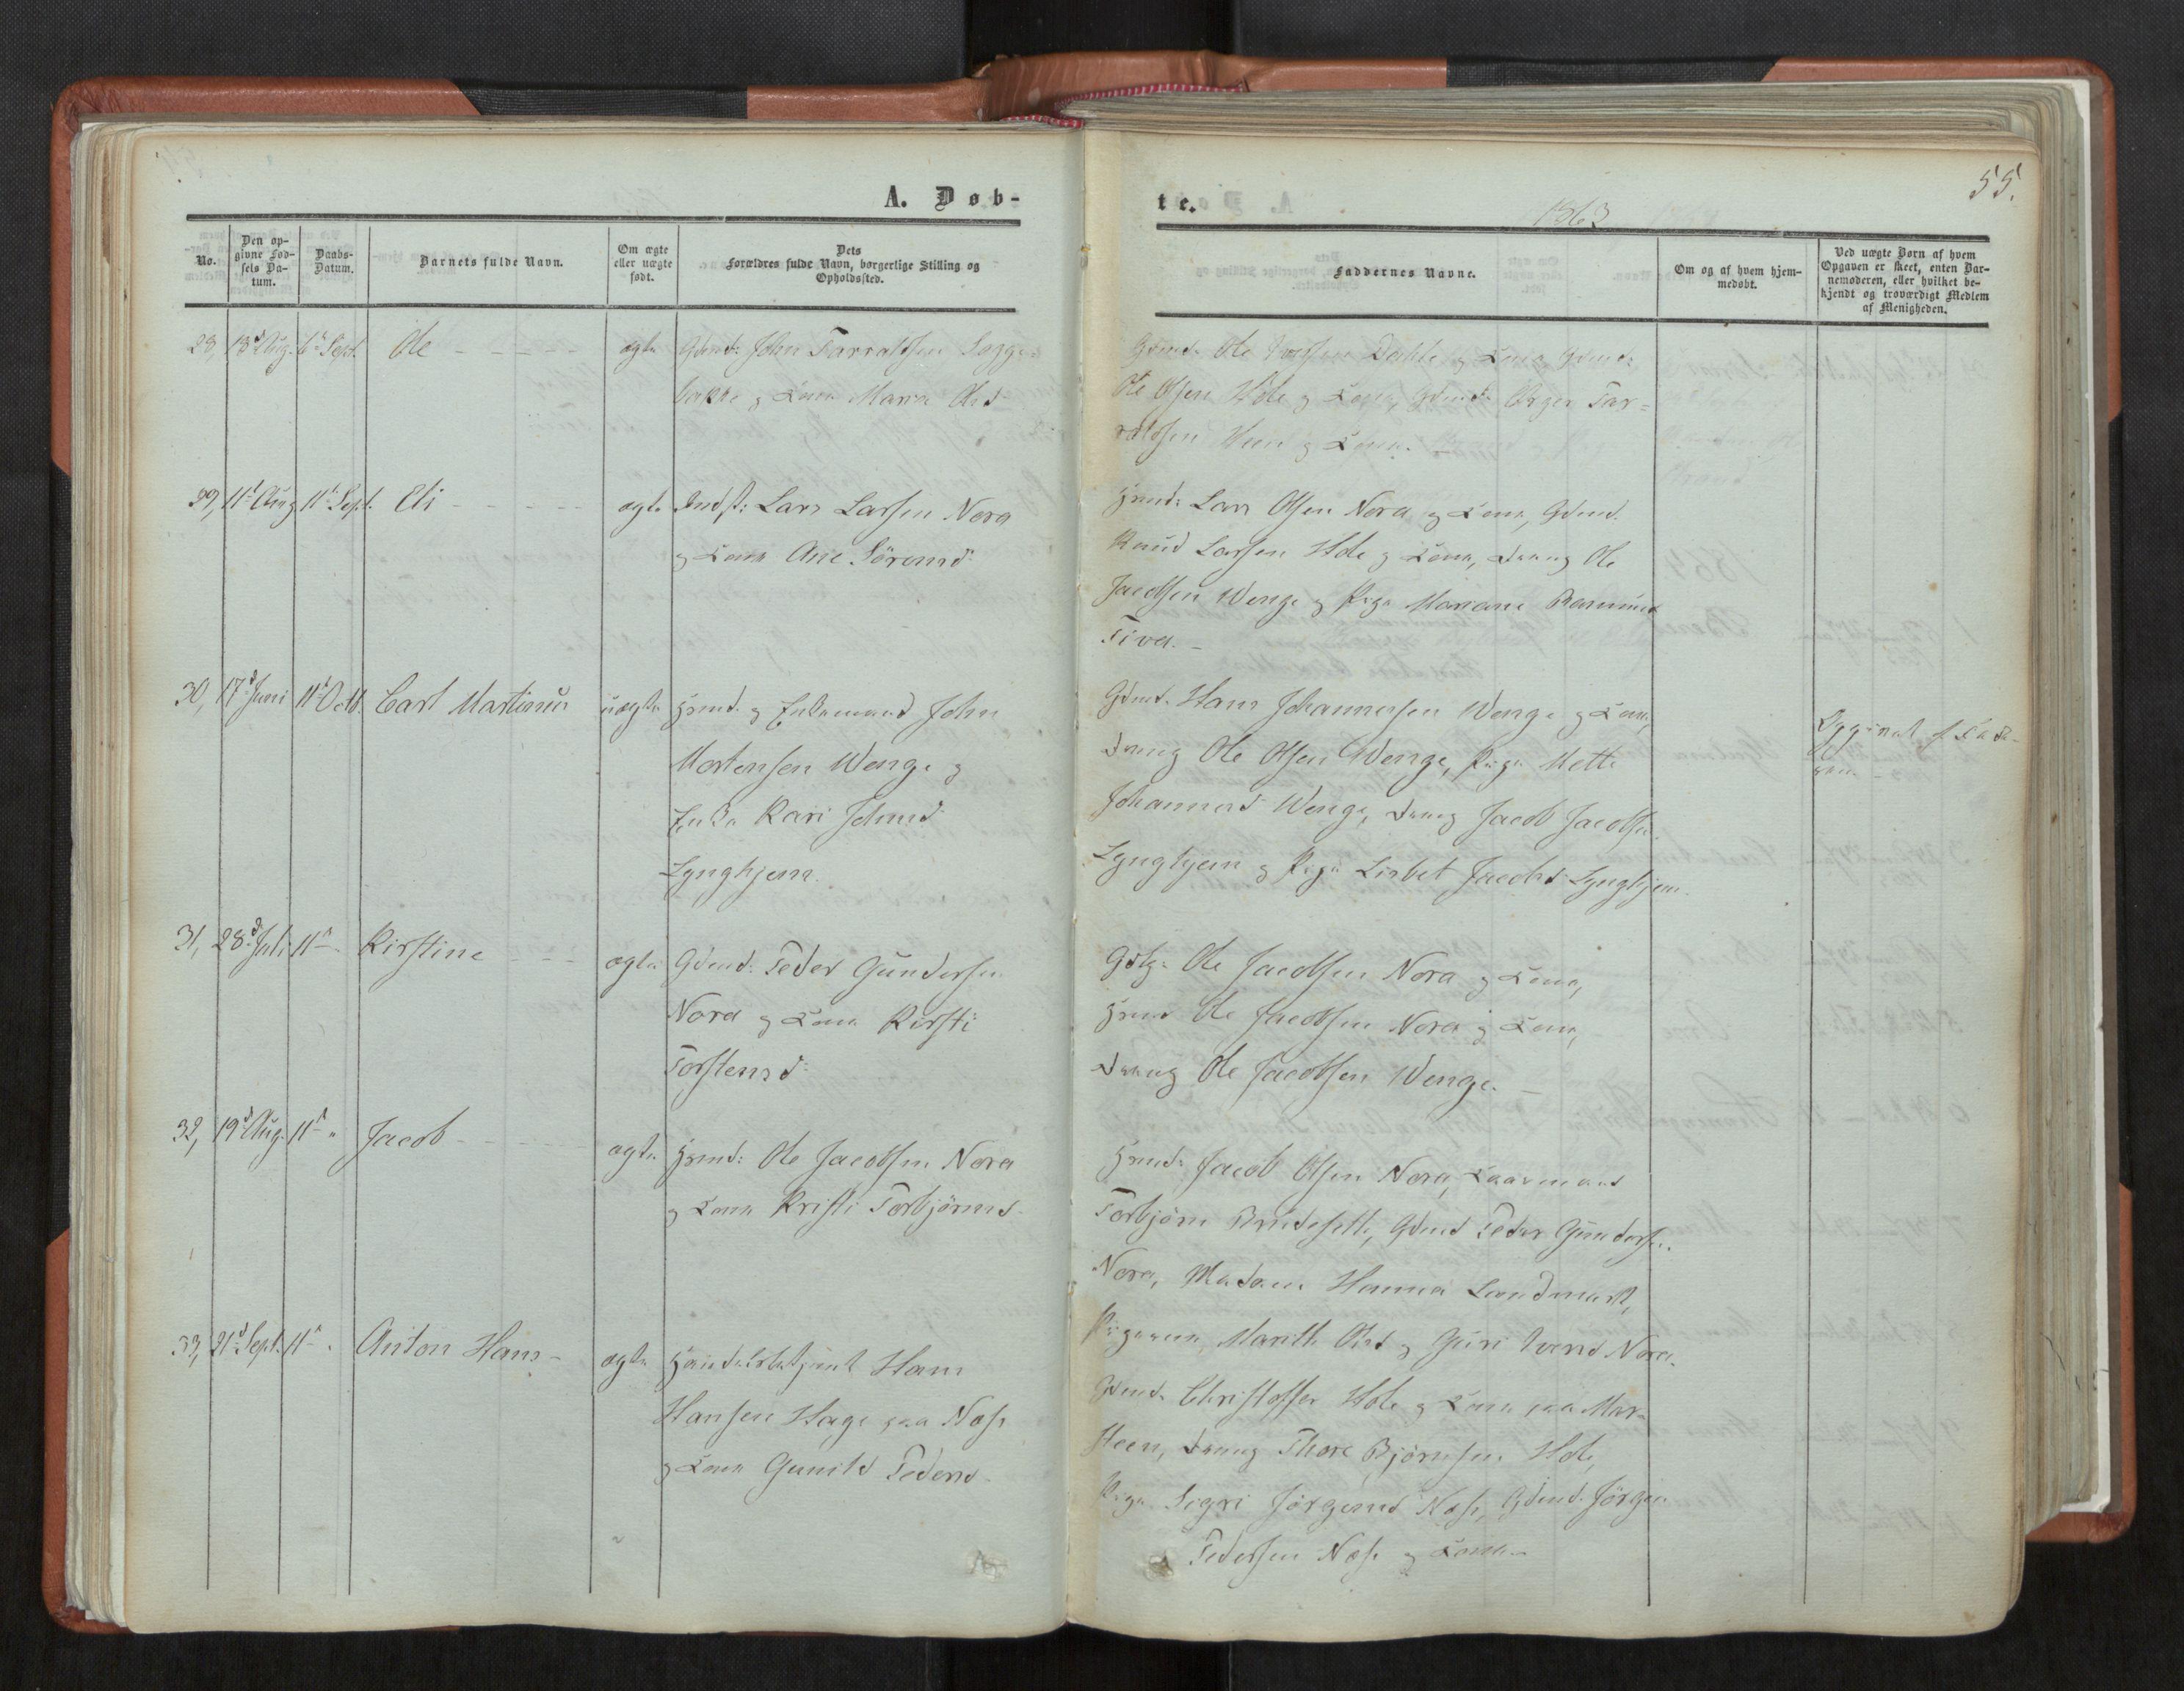 SAT, Ministerialprotokoller, klokkerbøker og fødselsregistre - Møre og Romsdal, 544/L0572: Ministerialbok nr. 544A05, 1854-1886, s. 55